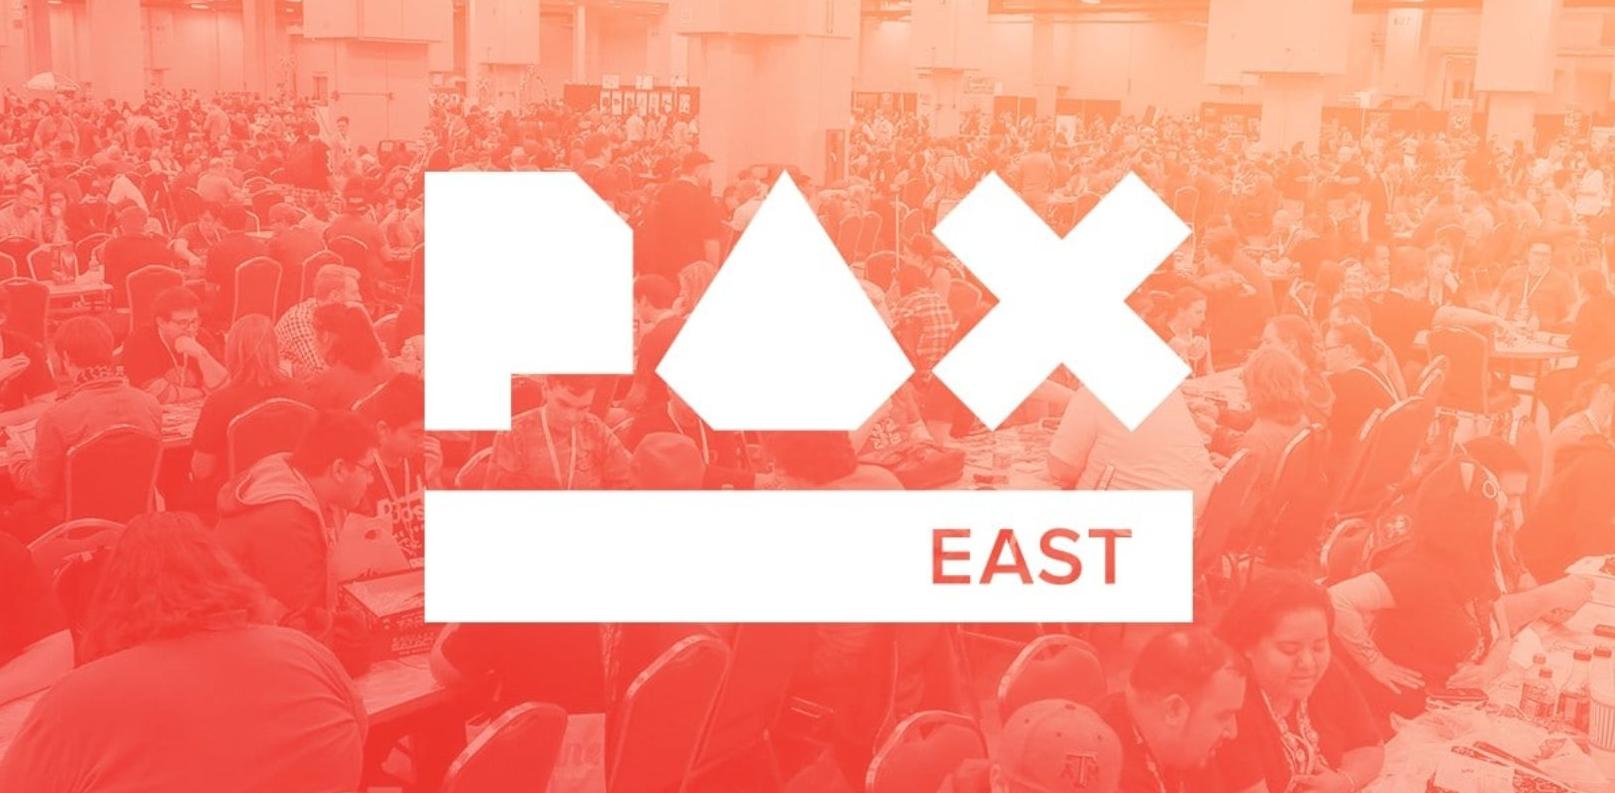 受新型冠状病毒影响 索尼退出PAX East 2020游戏展